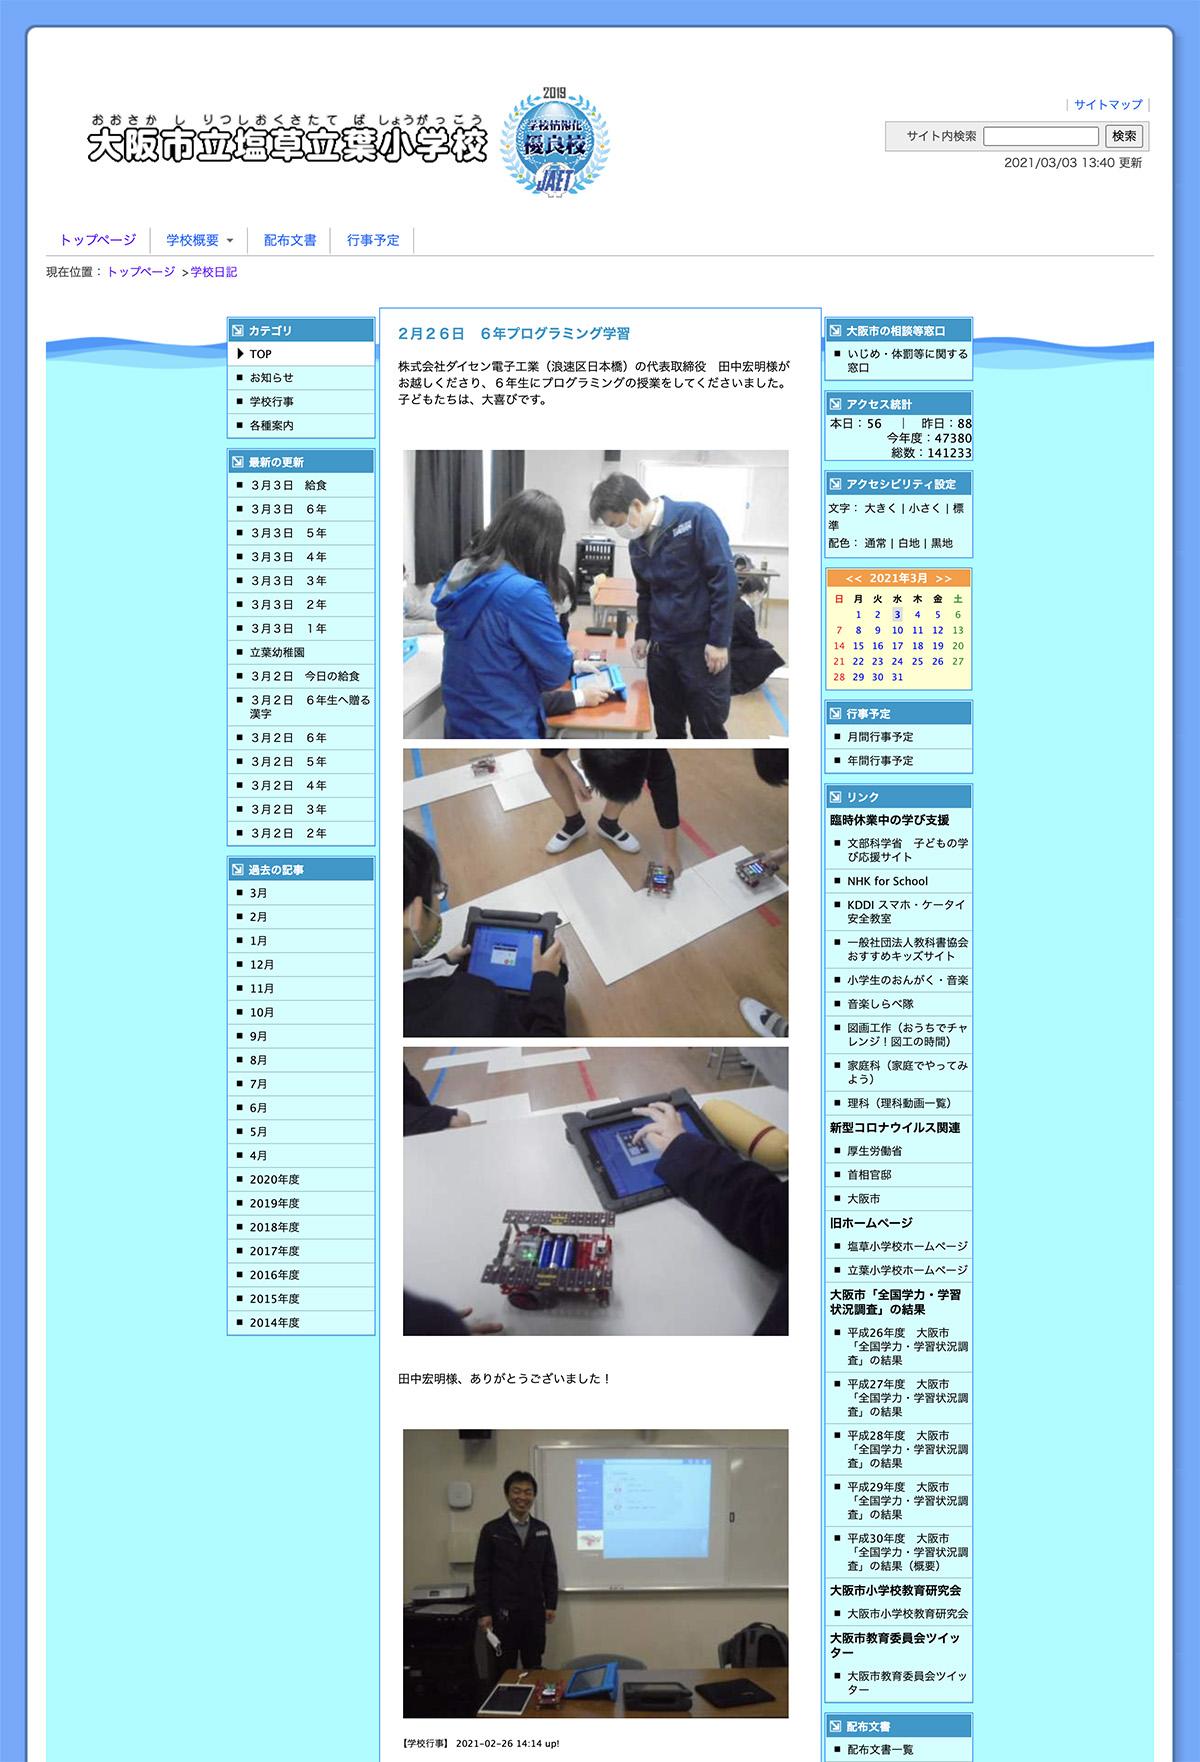 プログラミング出前授業 大阪市立塩草立葉小学校 ブログ